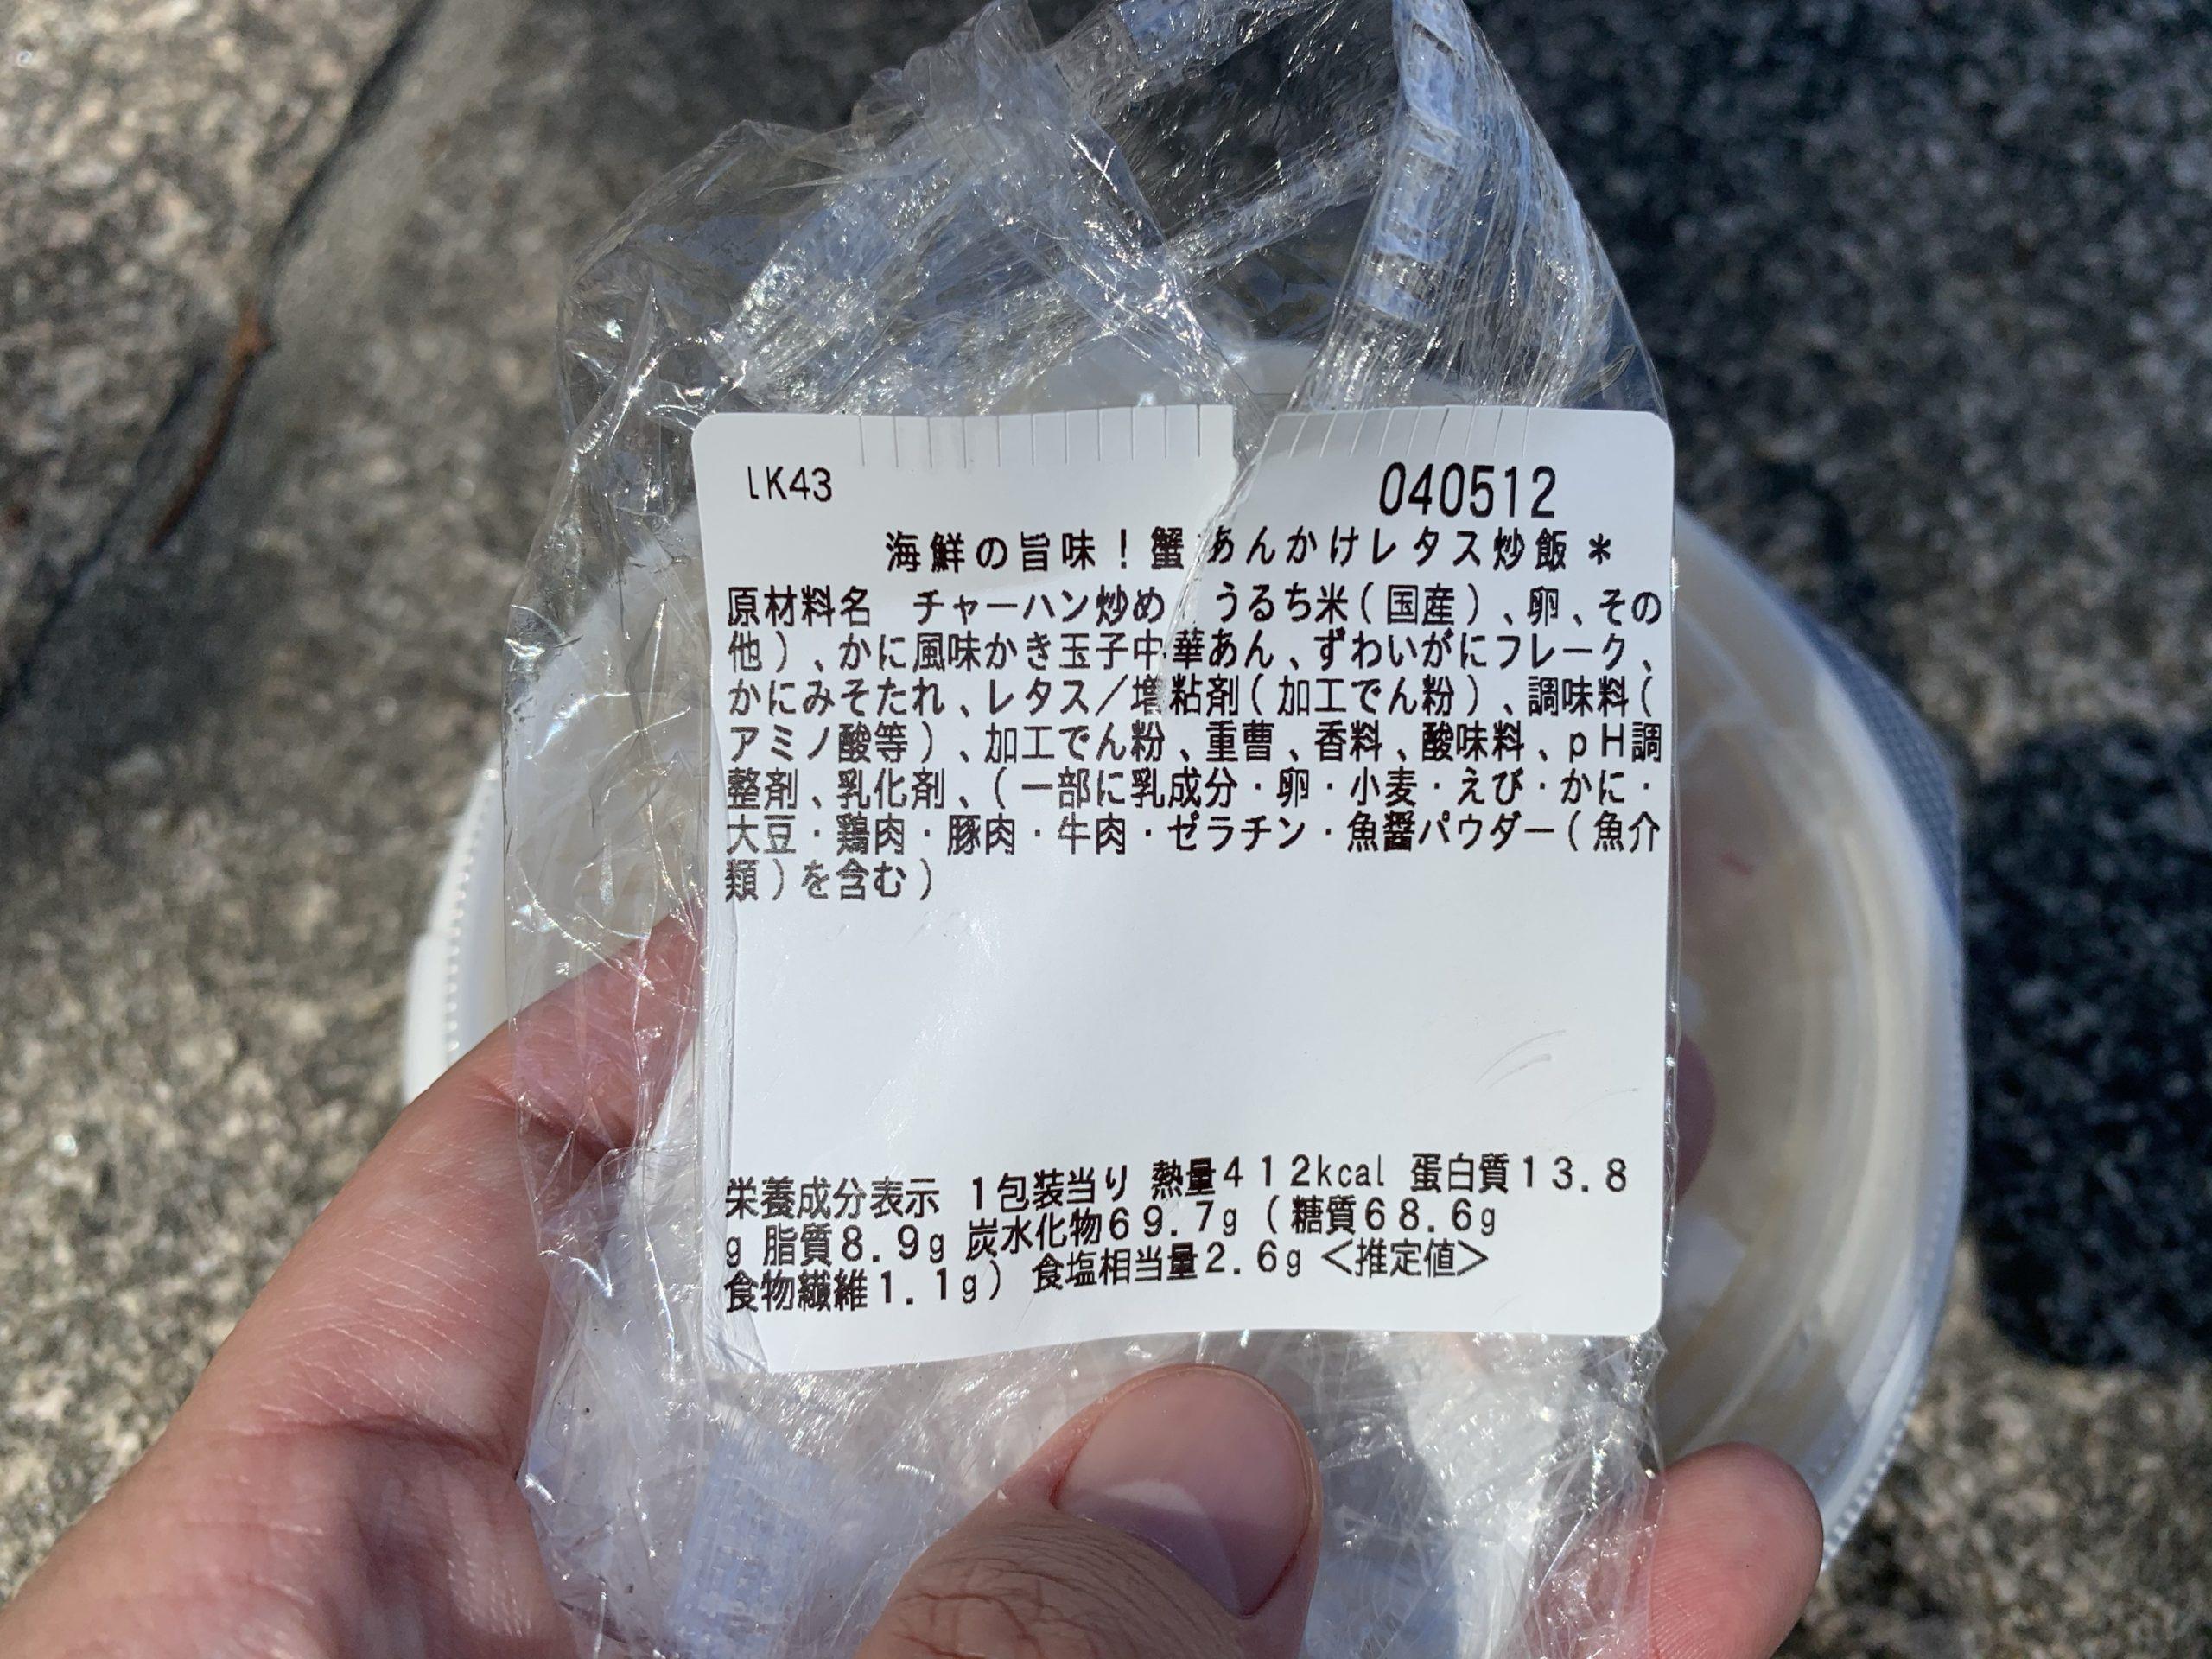 蟹あんかけレタス炒飯の原材料と栄養成分